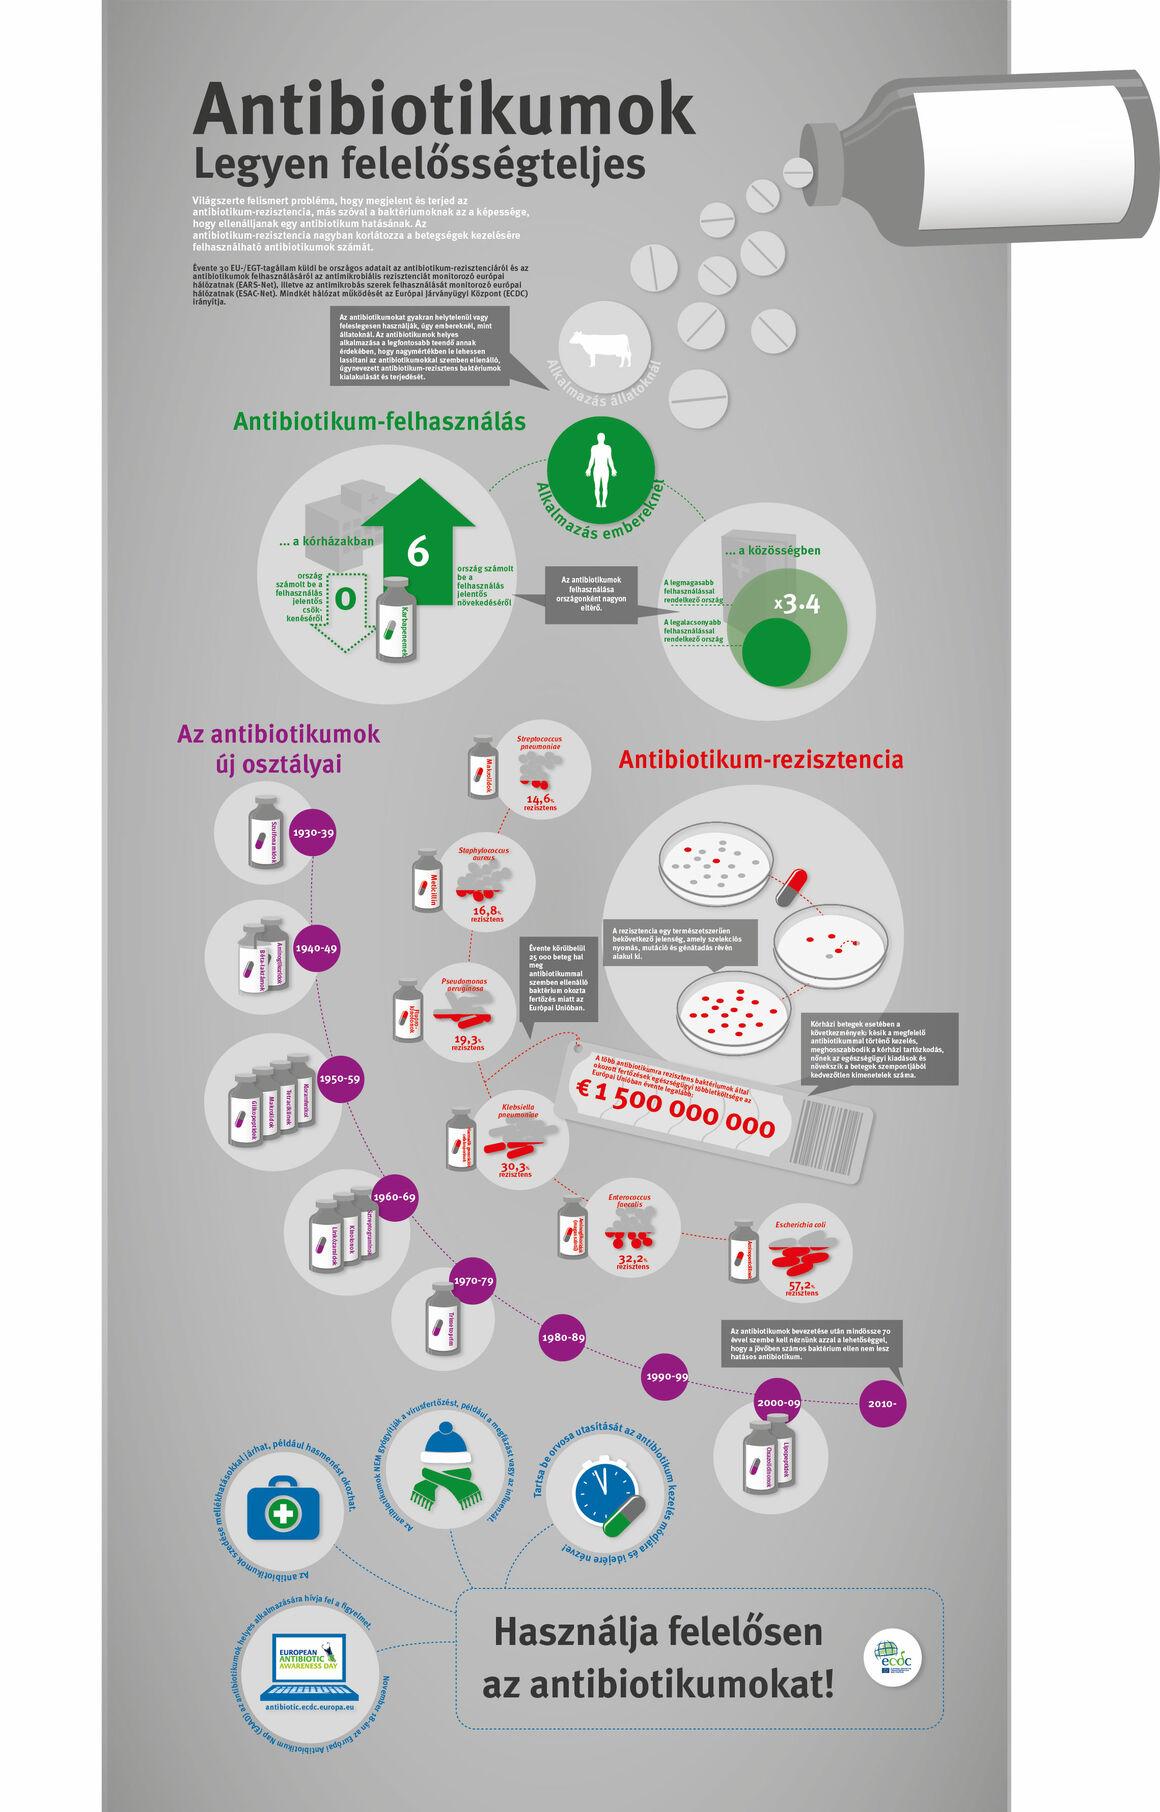 Antibiotikumok Legyen felelösségteljes